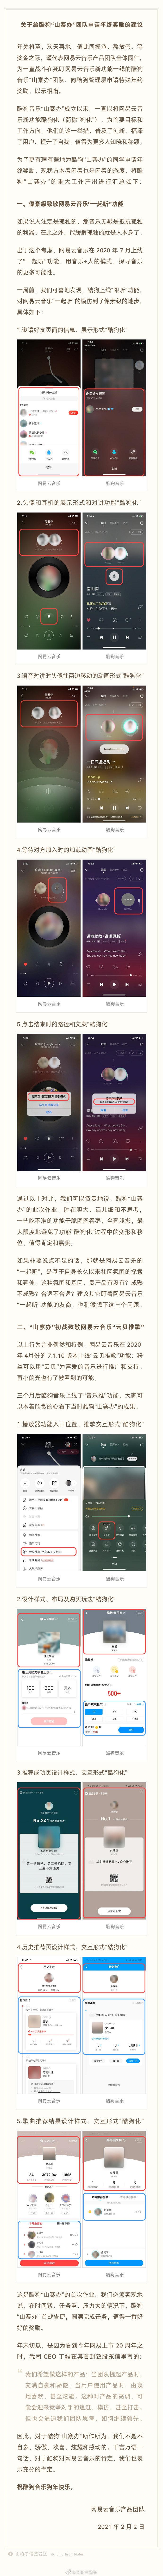 """网易云音乐称酷狗音乐山寨抄袭:将设计和功能都""""酷狗化"""""""